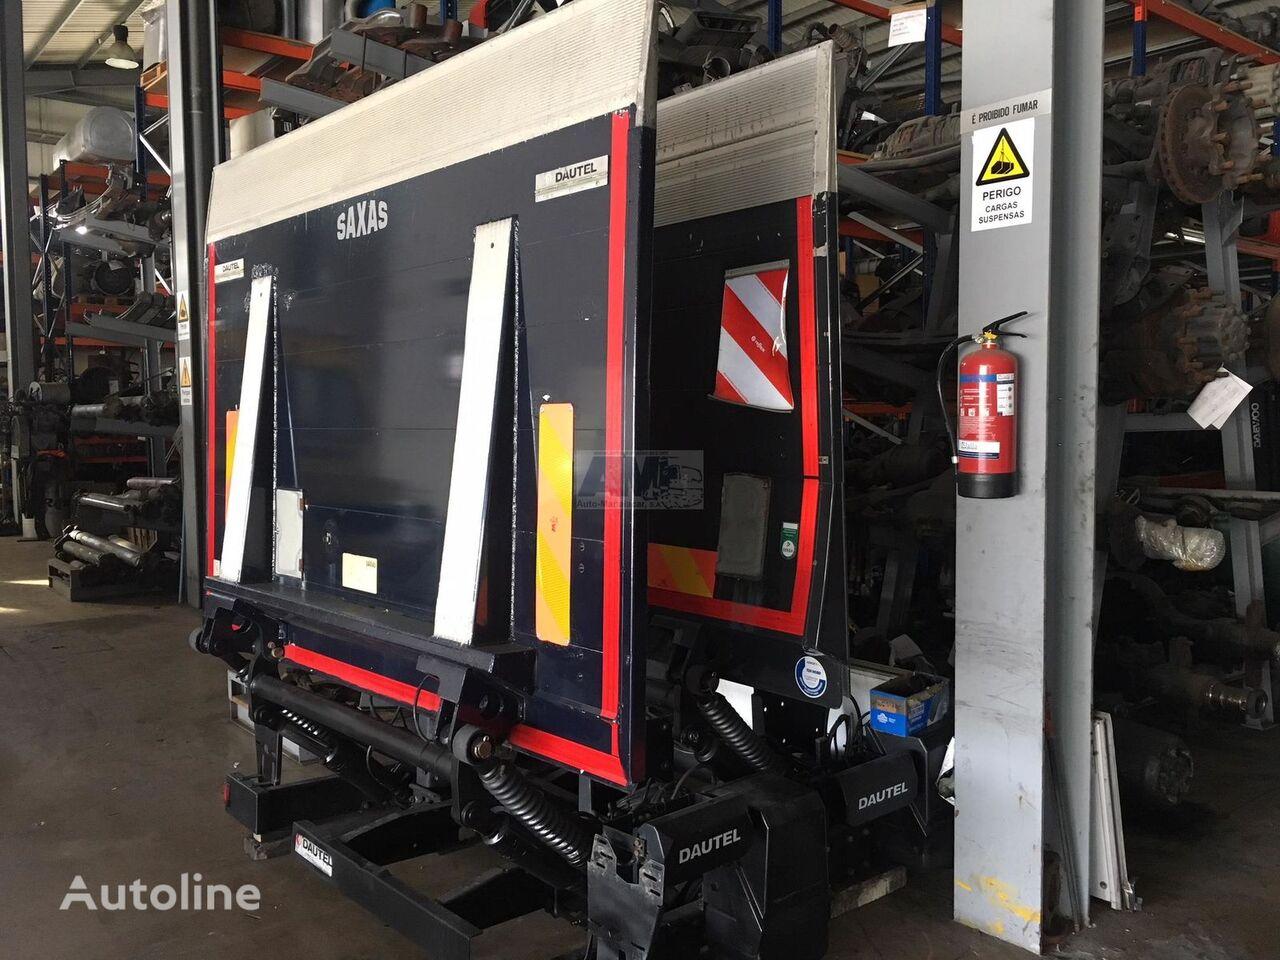 plataforma elevatoria hidraulica Dautel DL 1500S